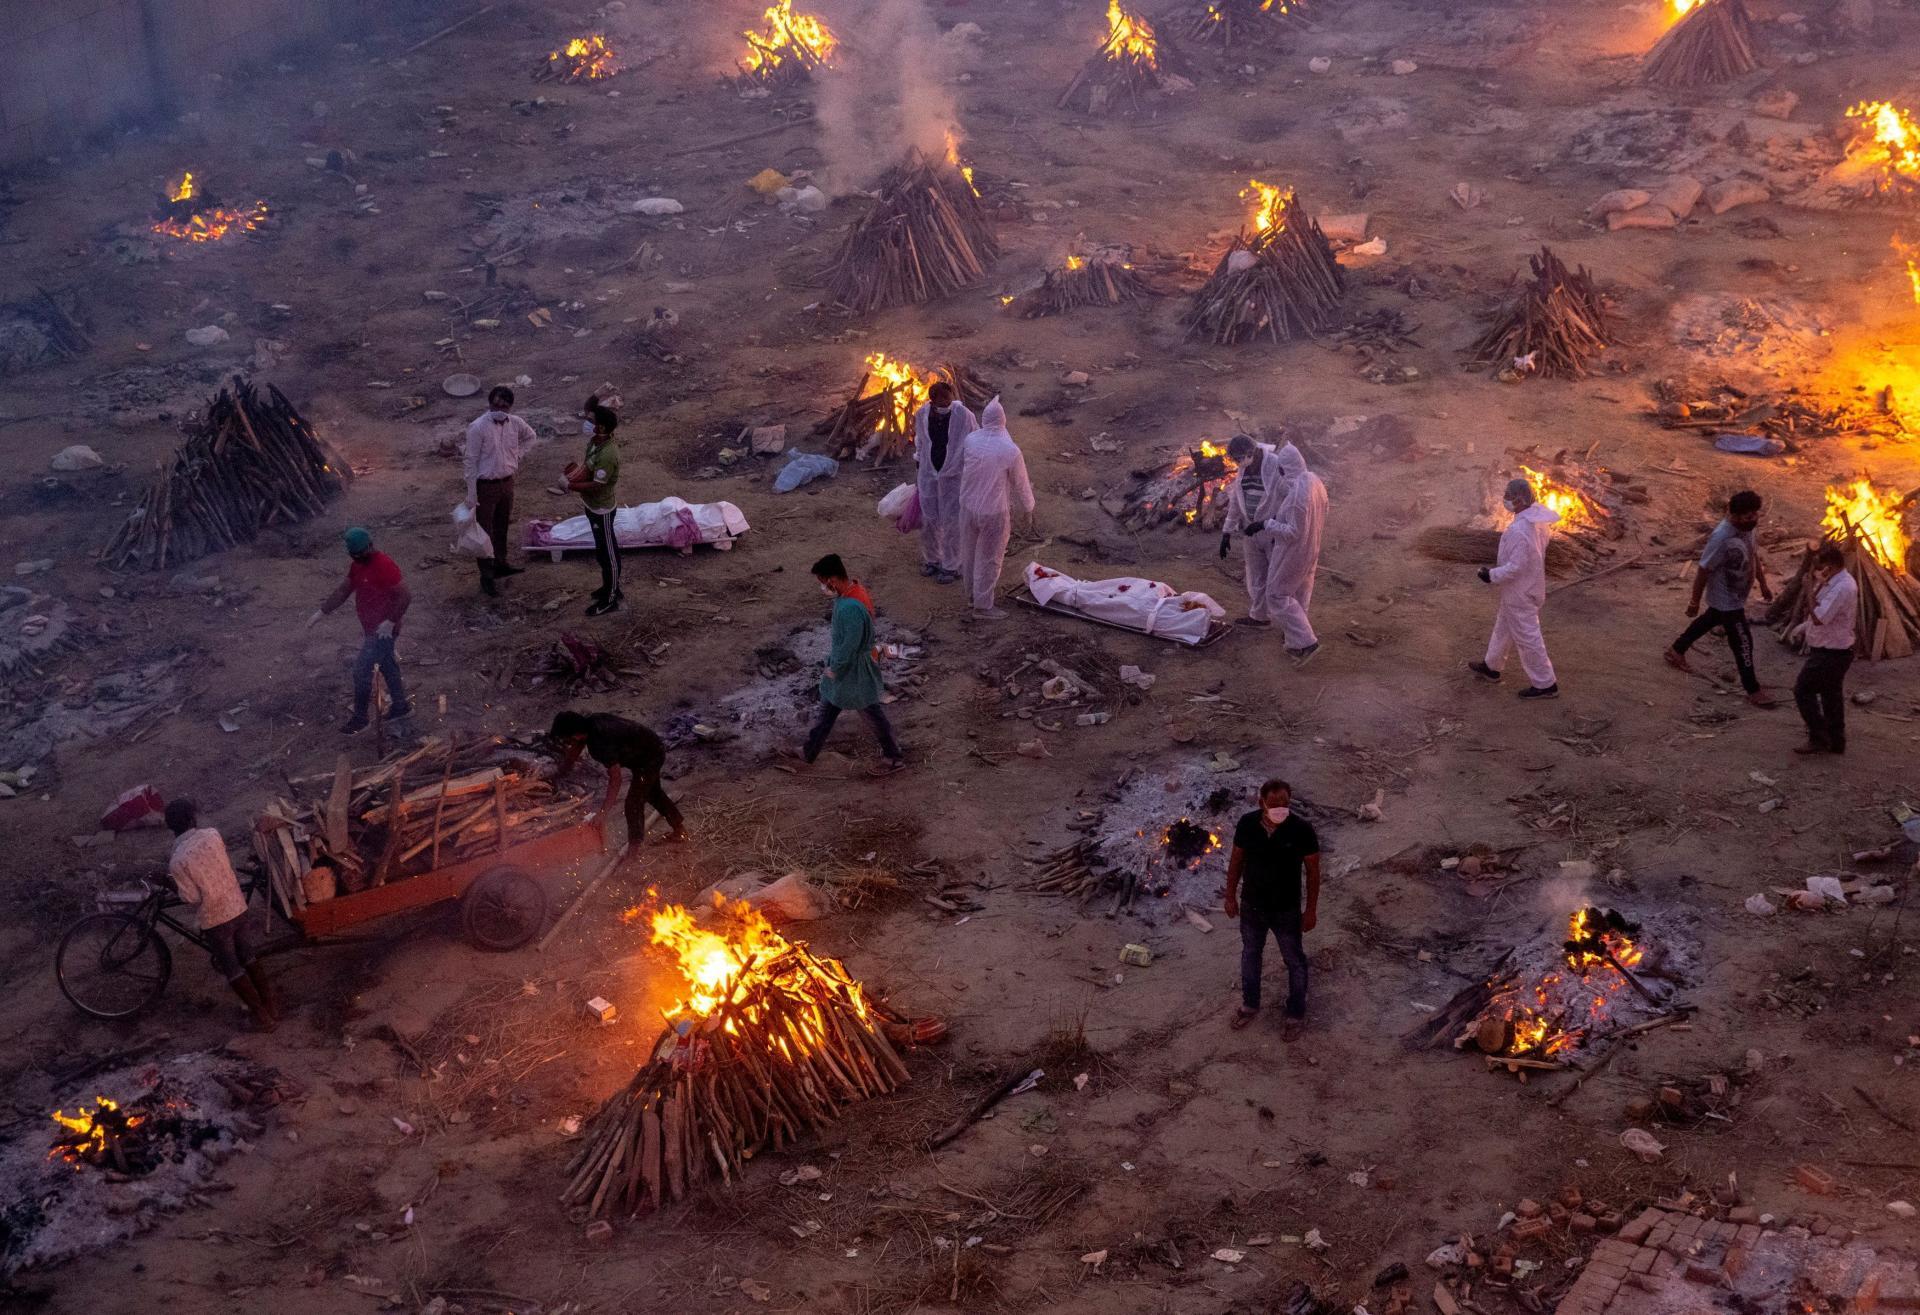 Des victimes du Covid-19 sont incinérées sur un terrain converti en crématorium géant à New Delhi, le 23 avril 2021.